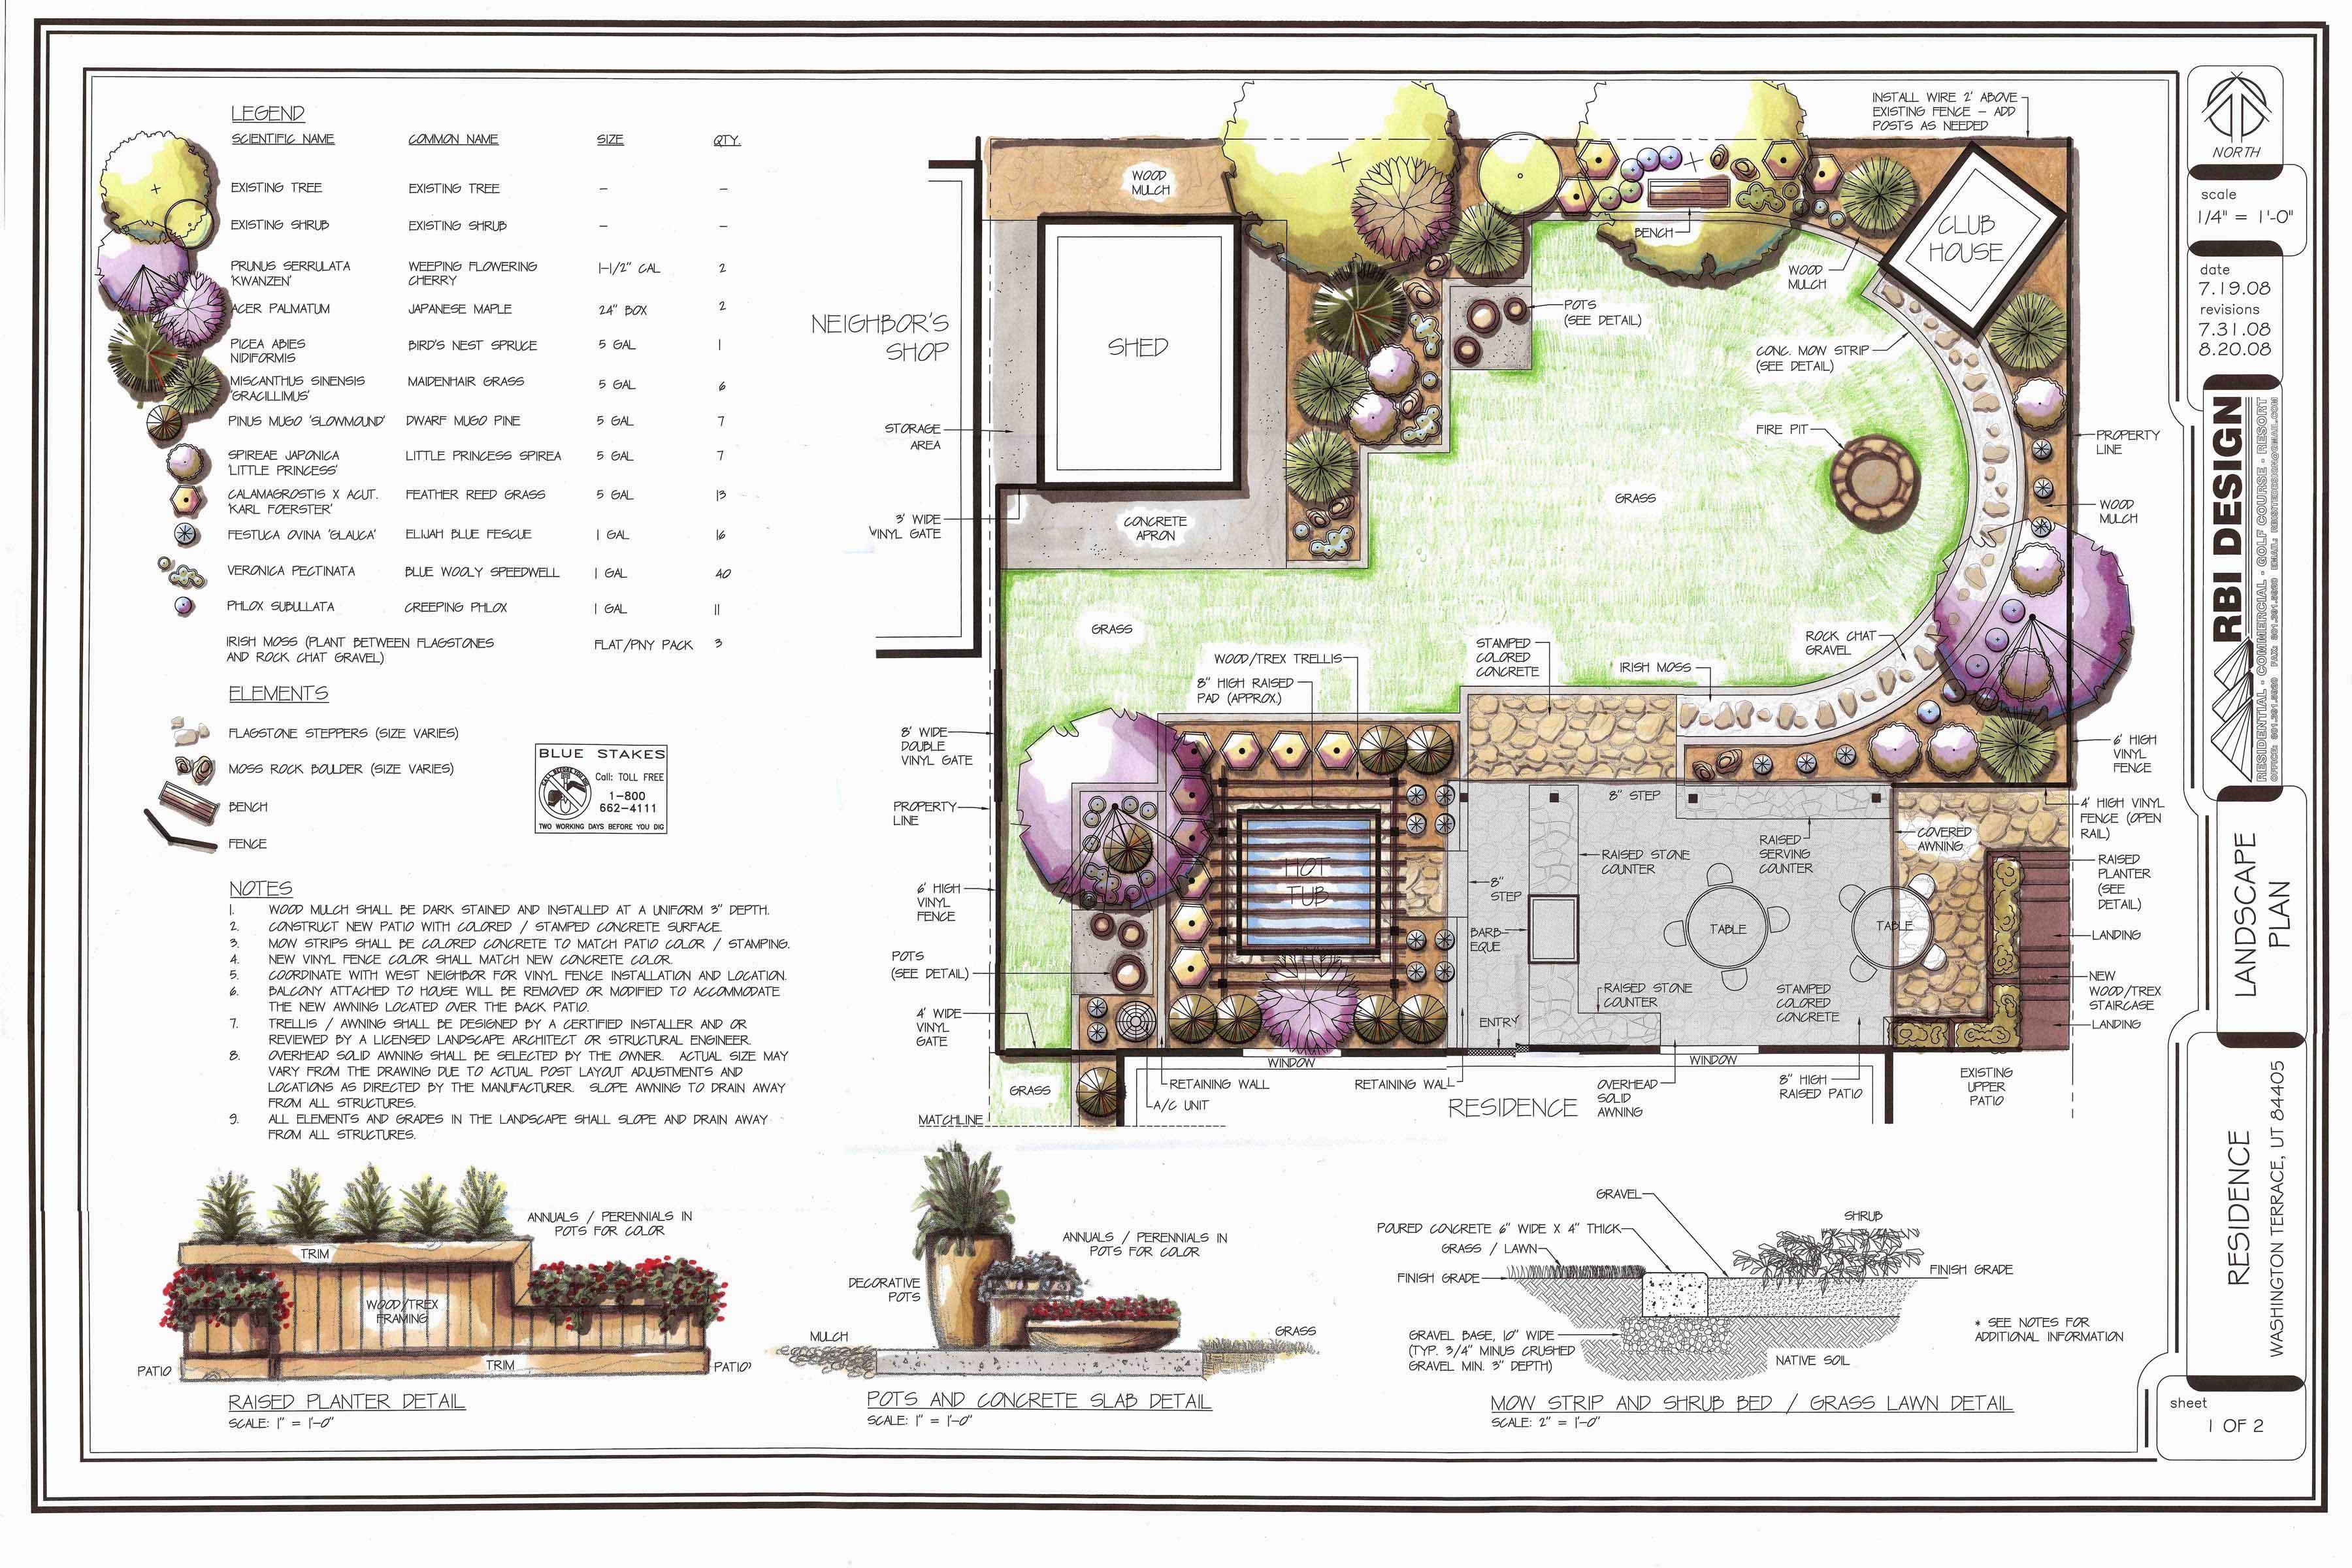 Design Licensed Landscape Architects Salt Lake City Ogden